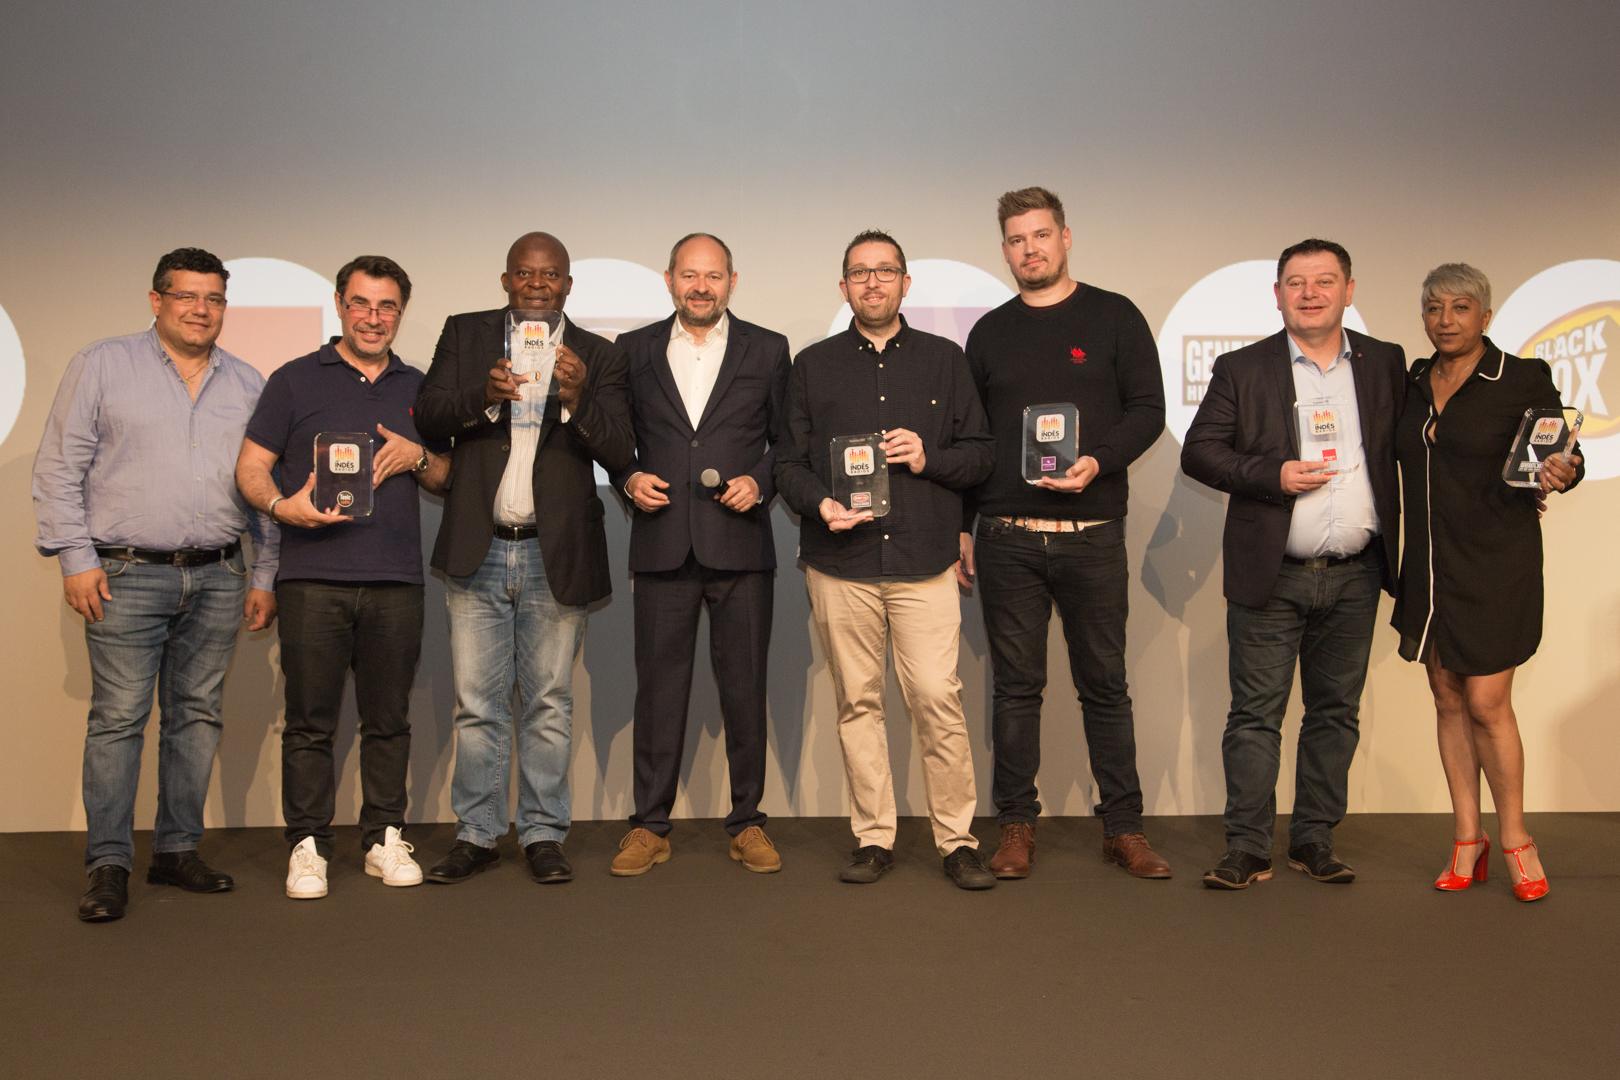 La remise des Trophées DATA avec (de gauche à droite) Laurent Chabbat et Charles Couty (Tonic Radio), Edgar Gomez (BlackBox), Jean-Eric Valli (Indés Radios), Wilfrid Tocqueville (Sweet FM), Michaël Levêque (Champagne FM), Anthony Eustache (Fréquence Plus) et Djamila Calla (Generations)